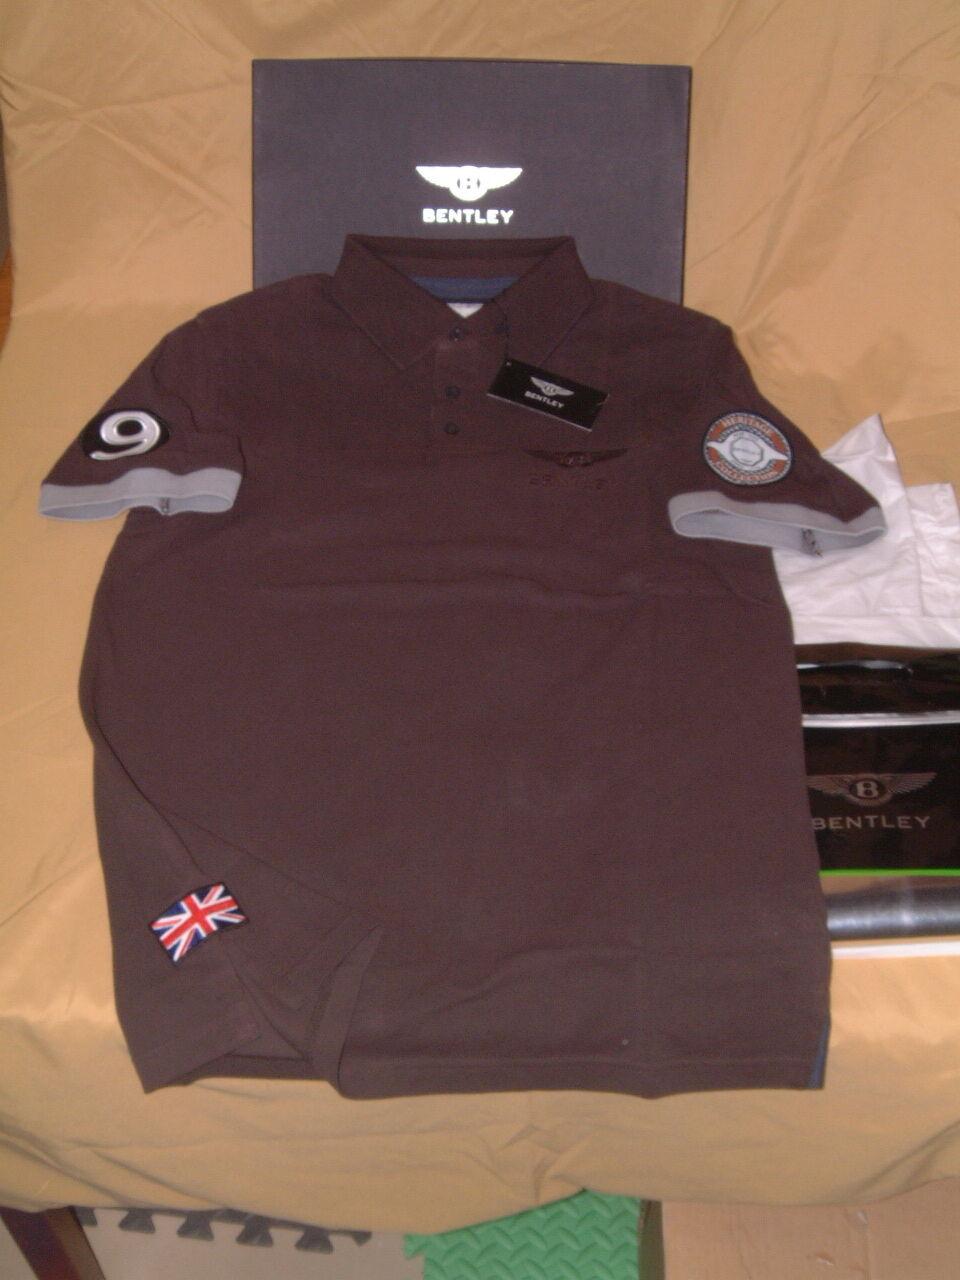 Bentley Colección Legado Bordado  Camisa Polo Marrón Nuevo en Caja EE. UU. M, Euro L.  gran descuento